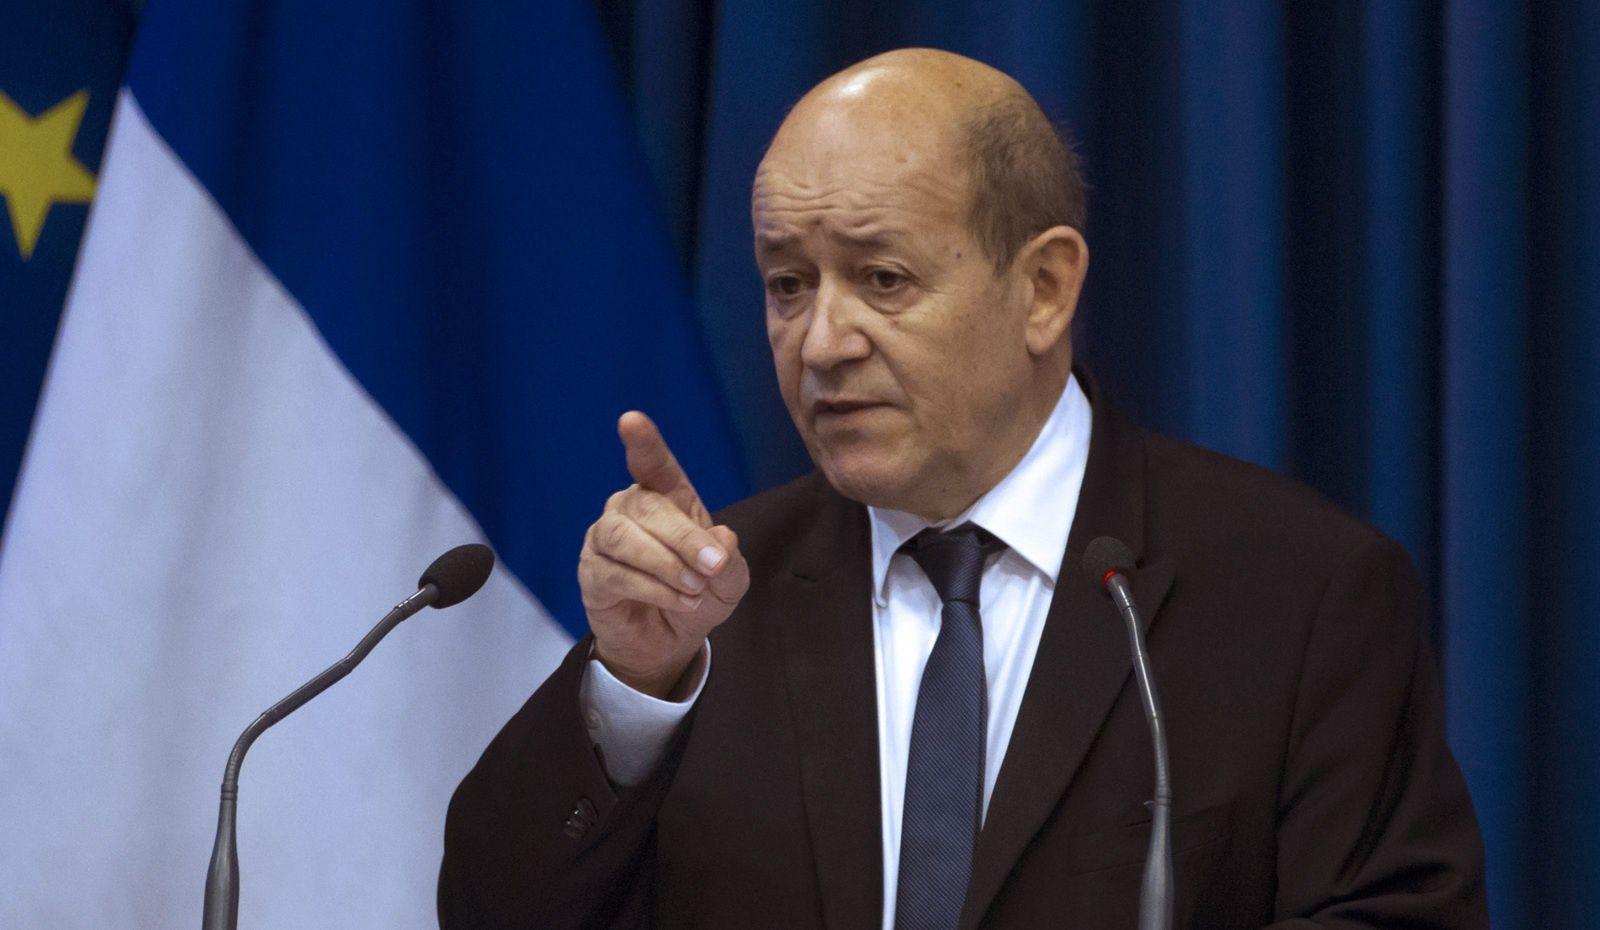 Selon M. Le Drian, la question de frappes françaises en Syrie est posée